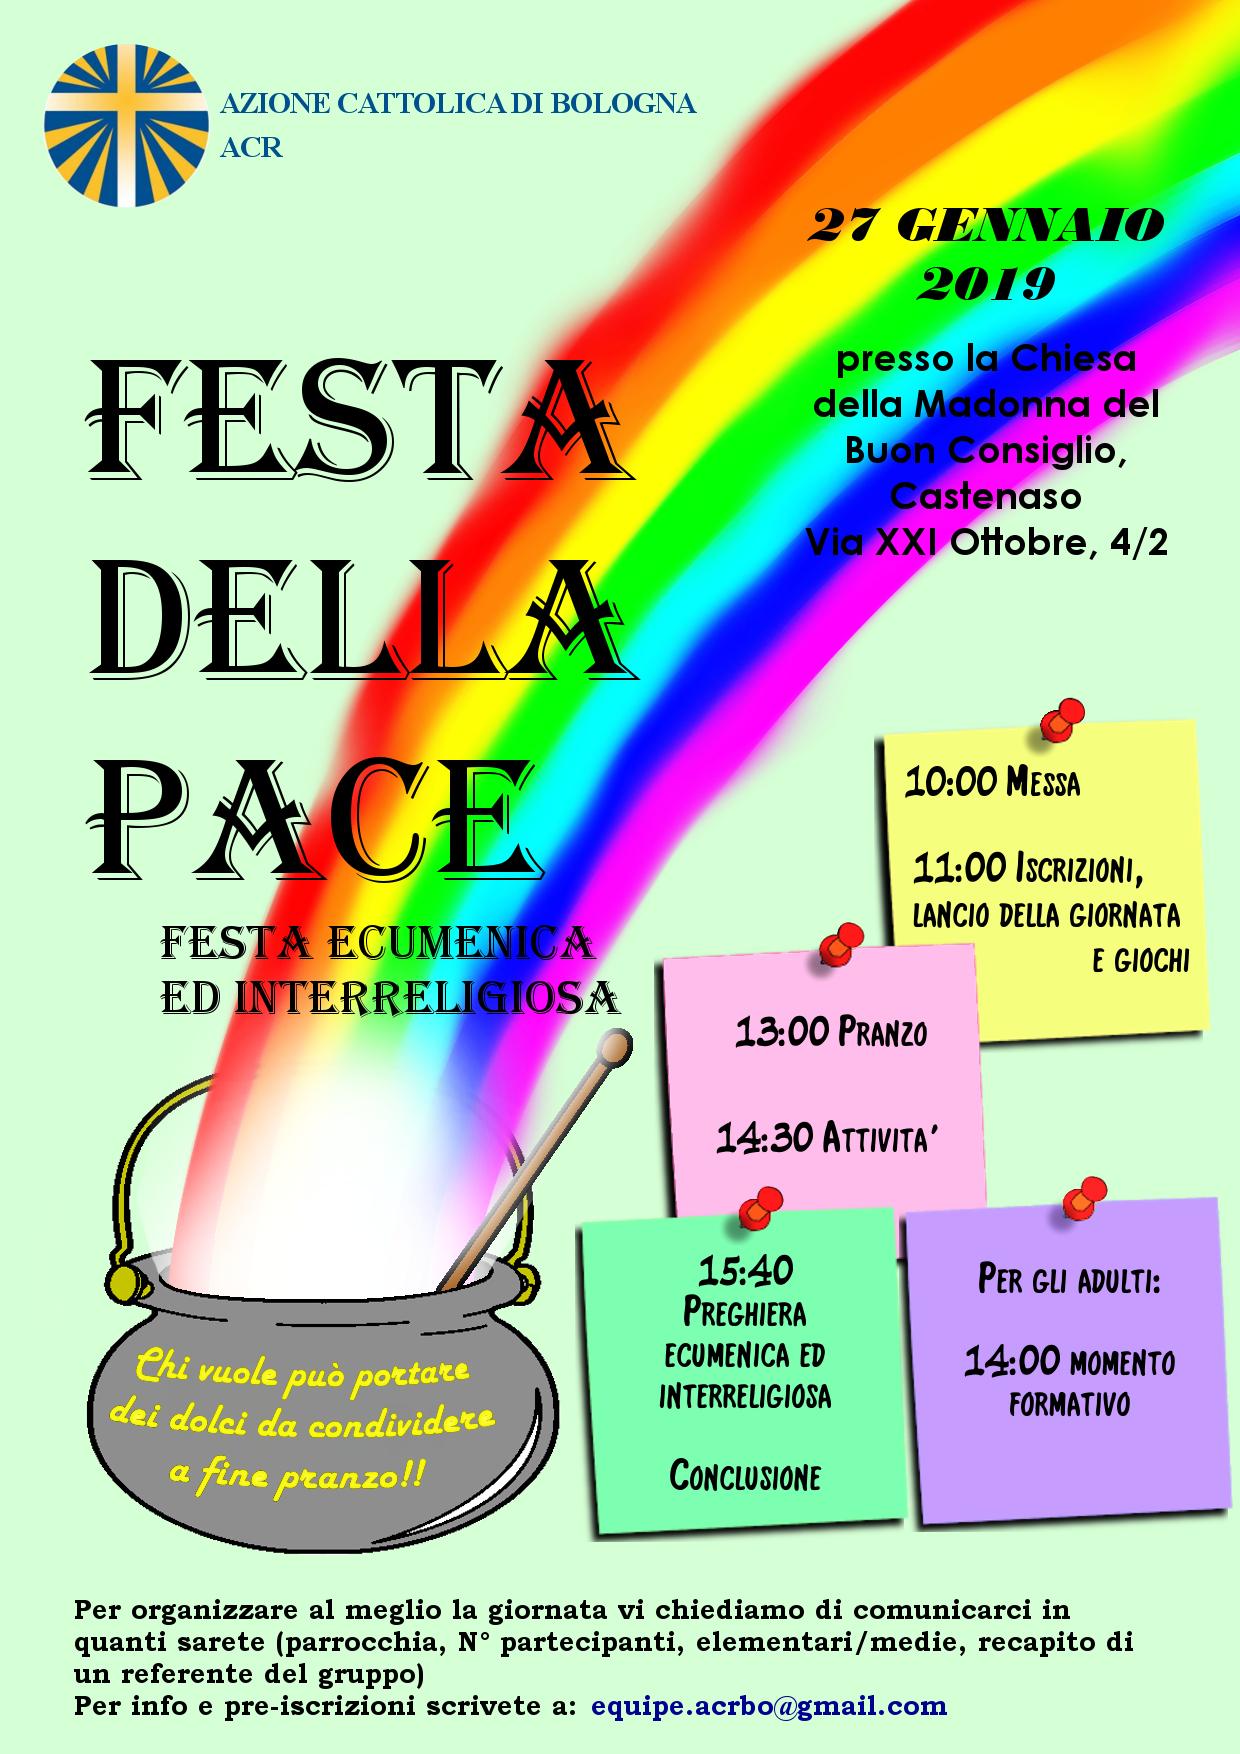 Festa della pace @ Parrocchia di Castenaso